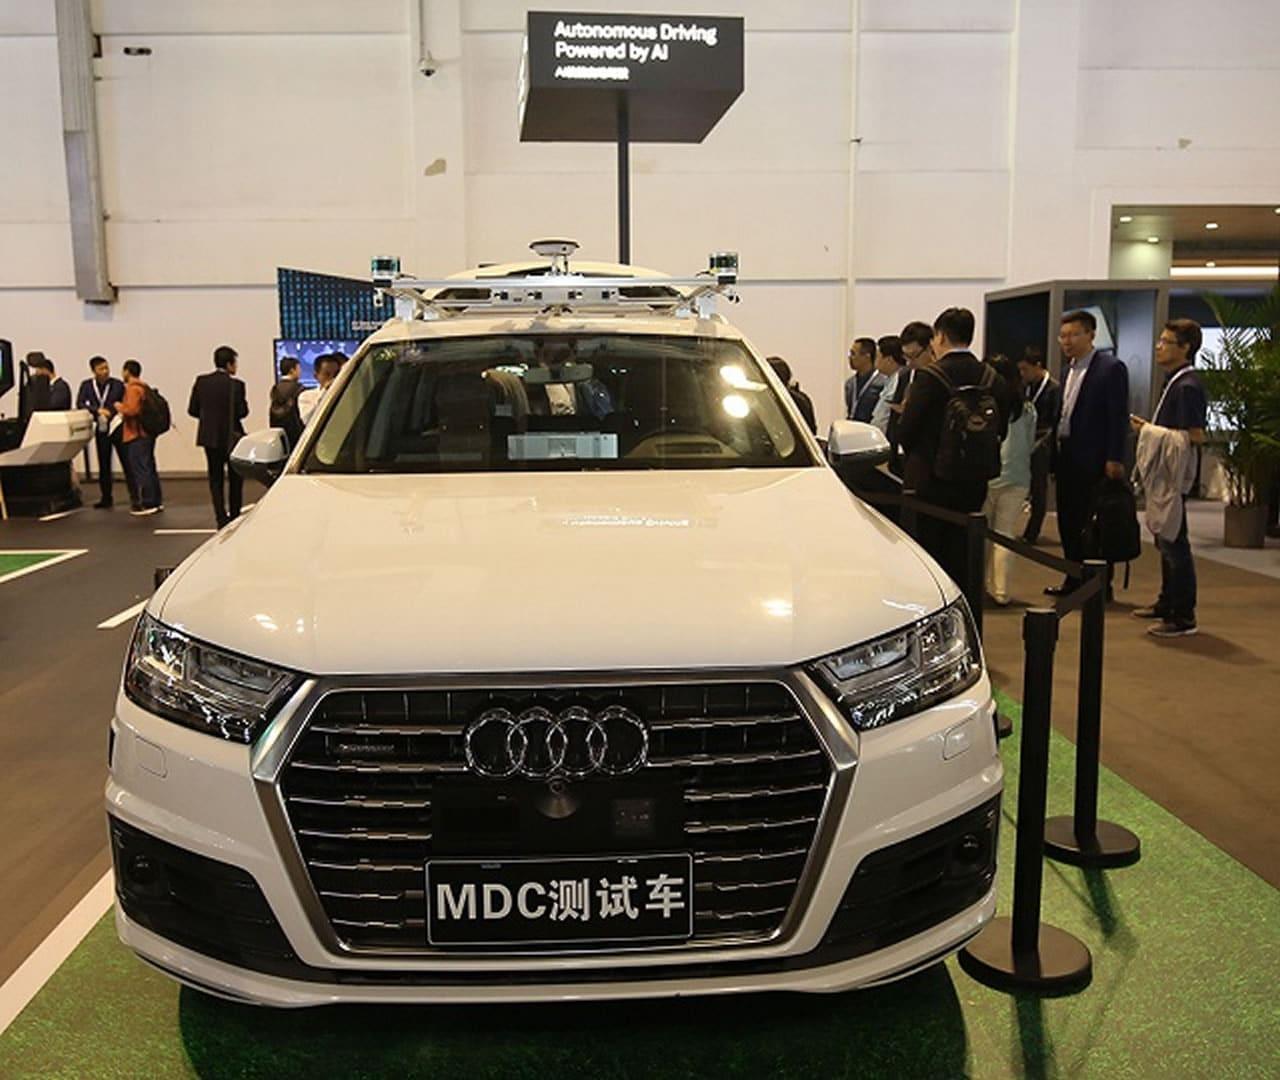 ¿En qué consiste la alianza entre Huawei y Audi para vehículos inteligentes?